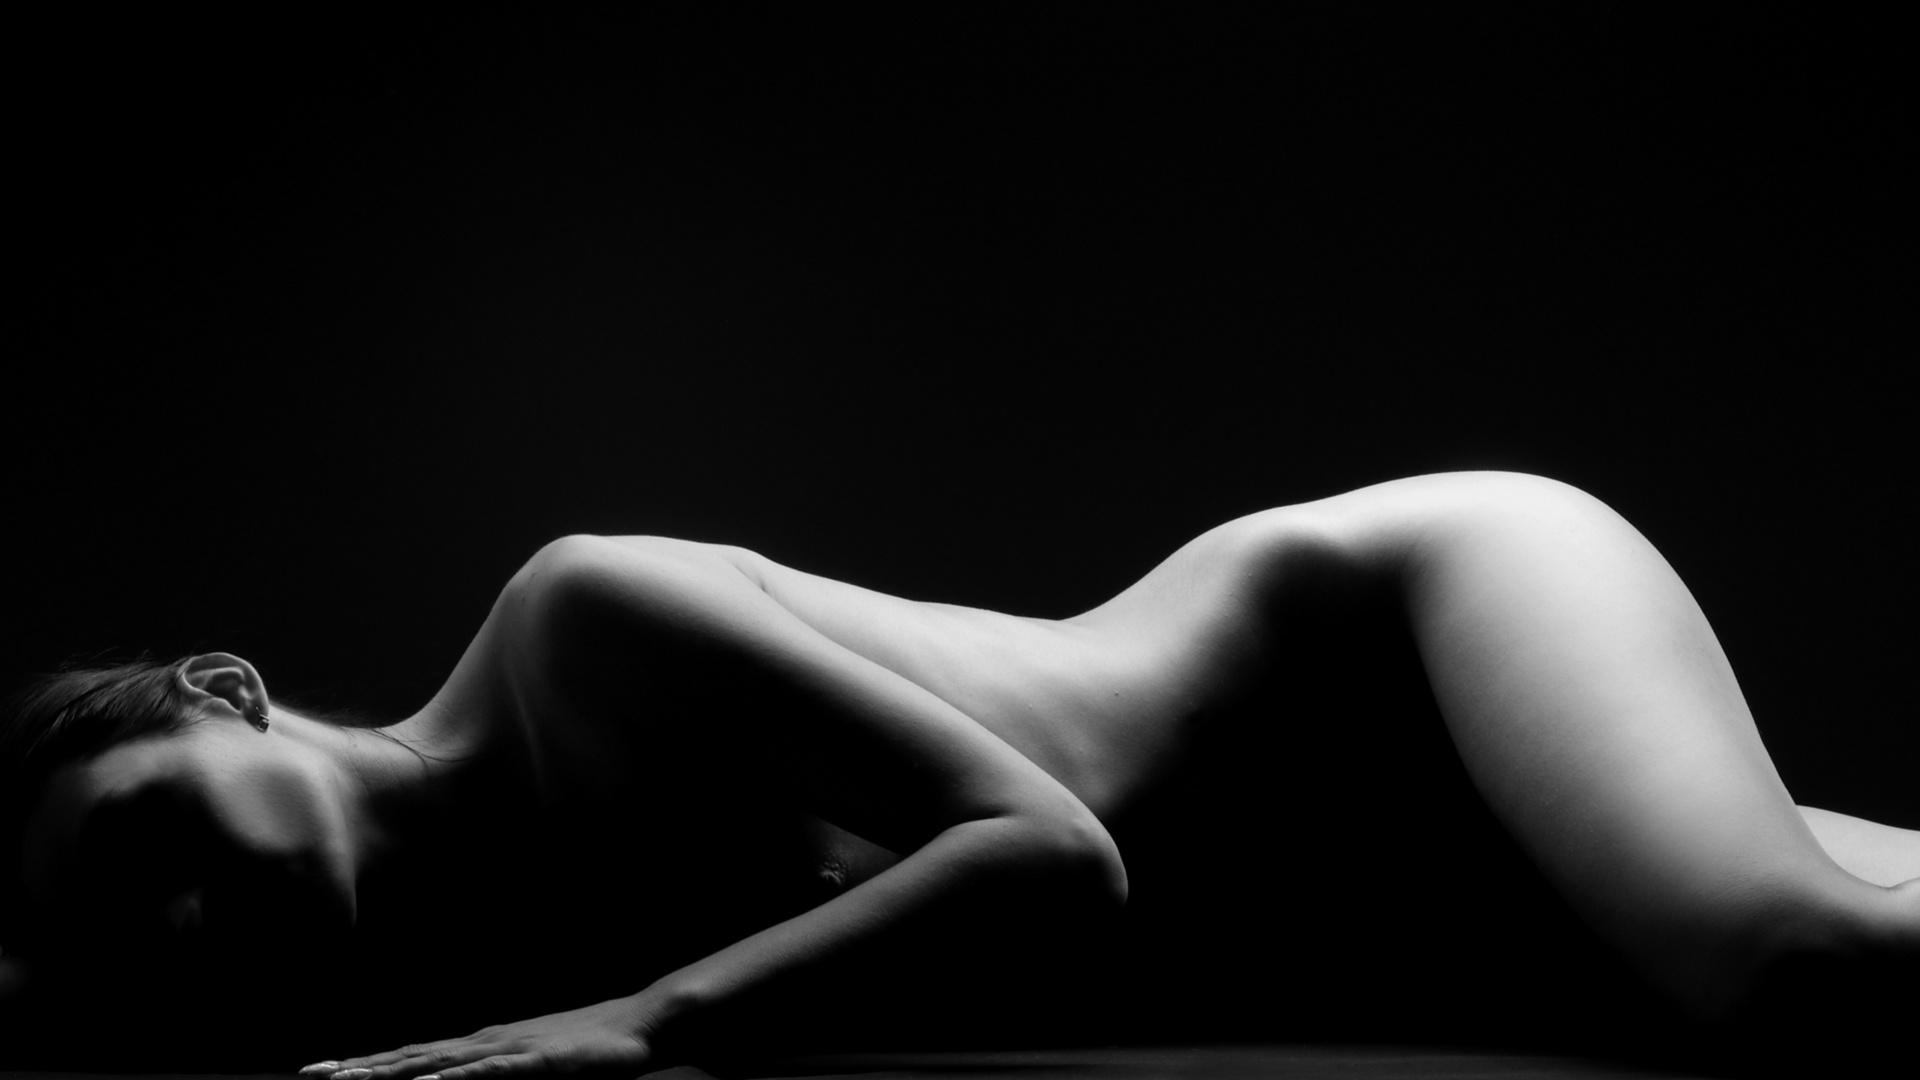 эротические фото тел - 5